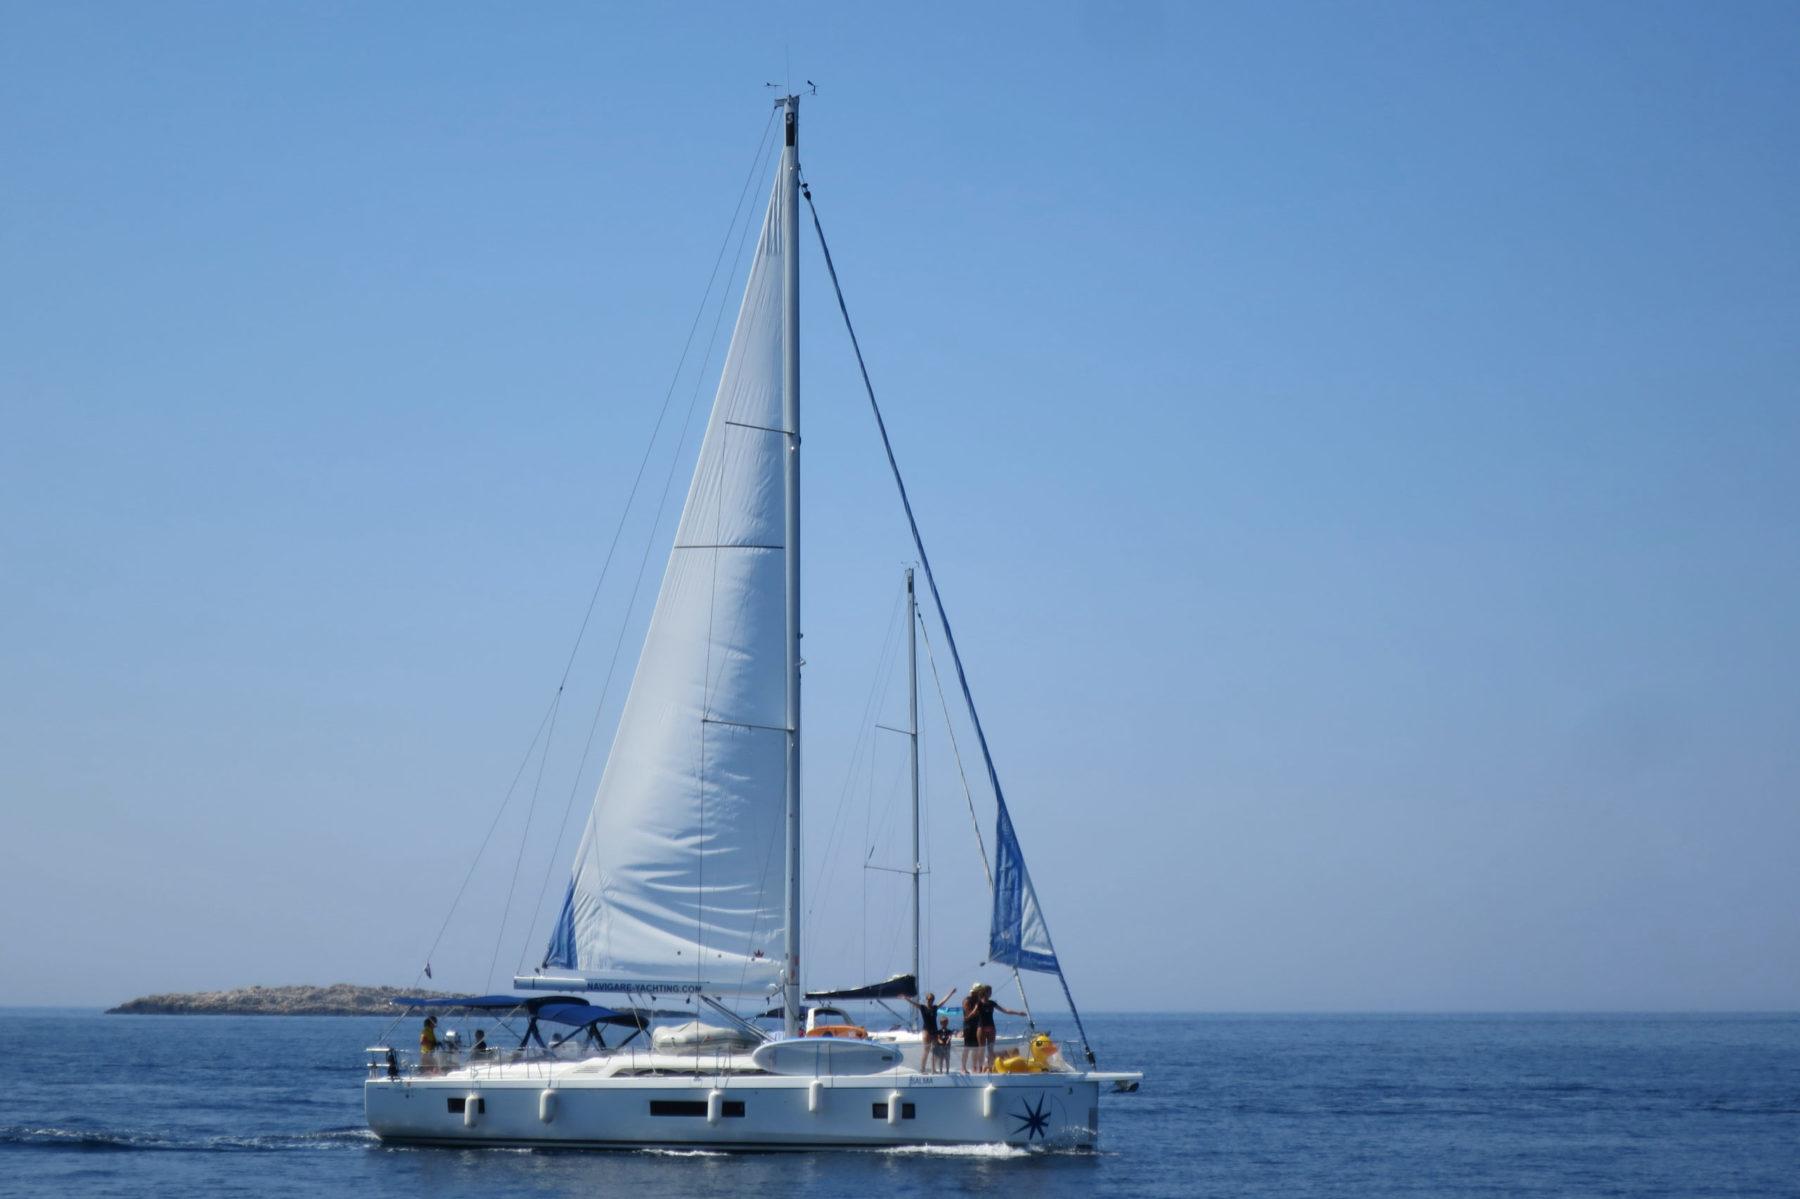 Die Yacht liegt im weiten blauen Meer | sailwithus